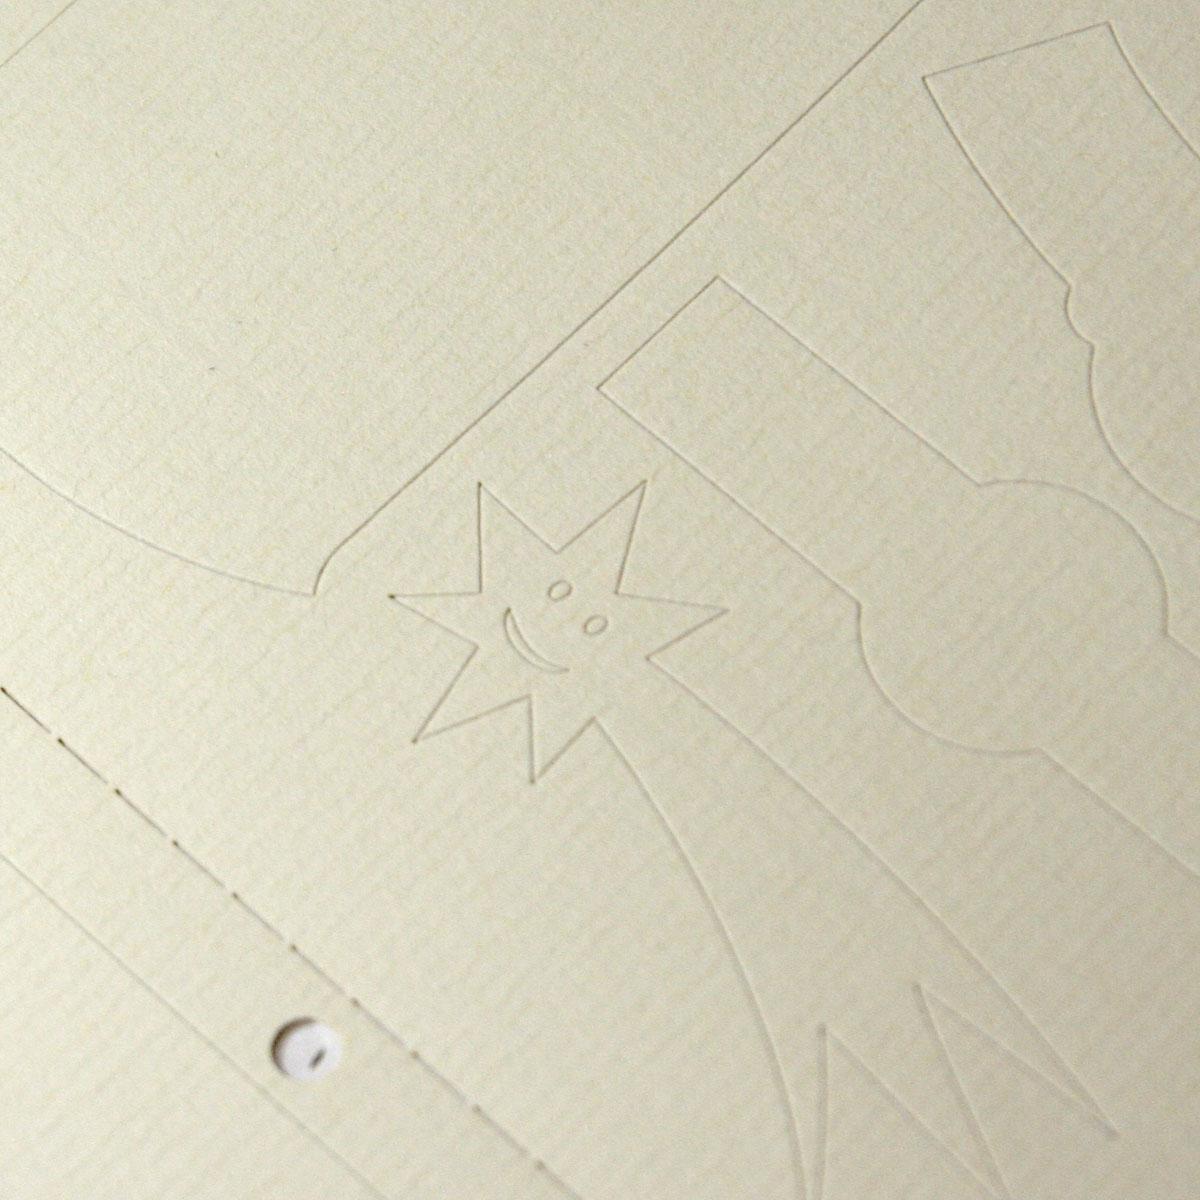 Kremowy samoprzylepny papier prążkowany do drukarek laserowych i kopiarek - 100 arkuszy